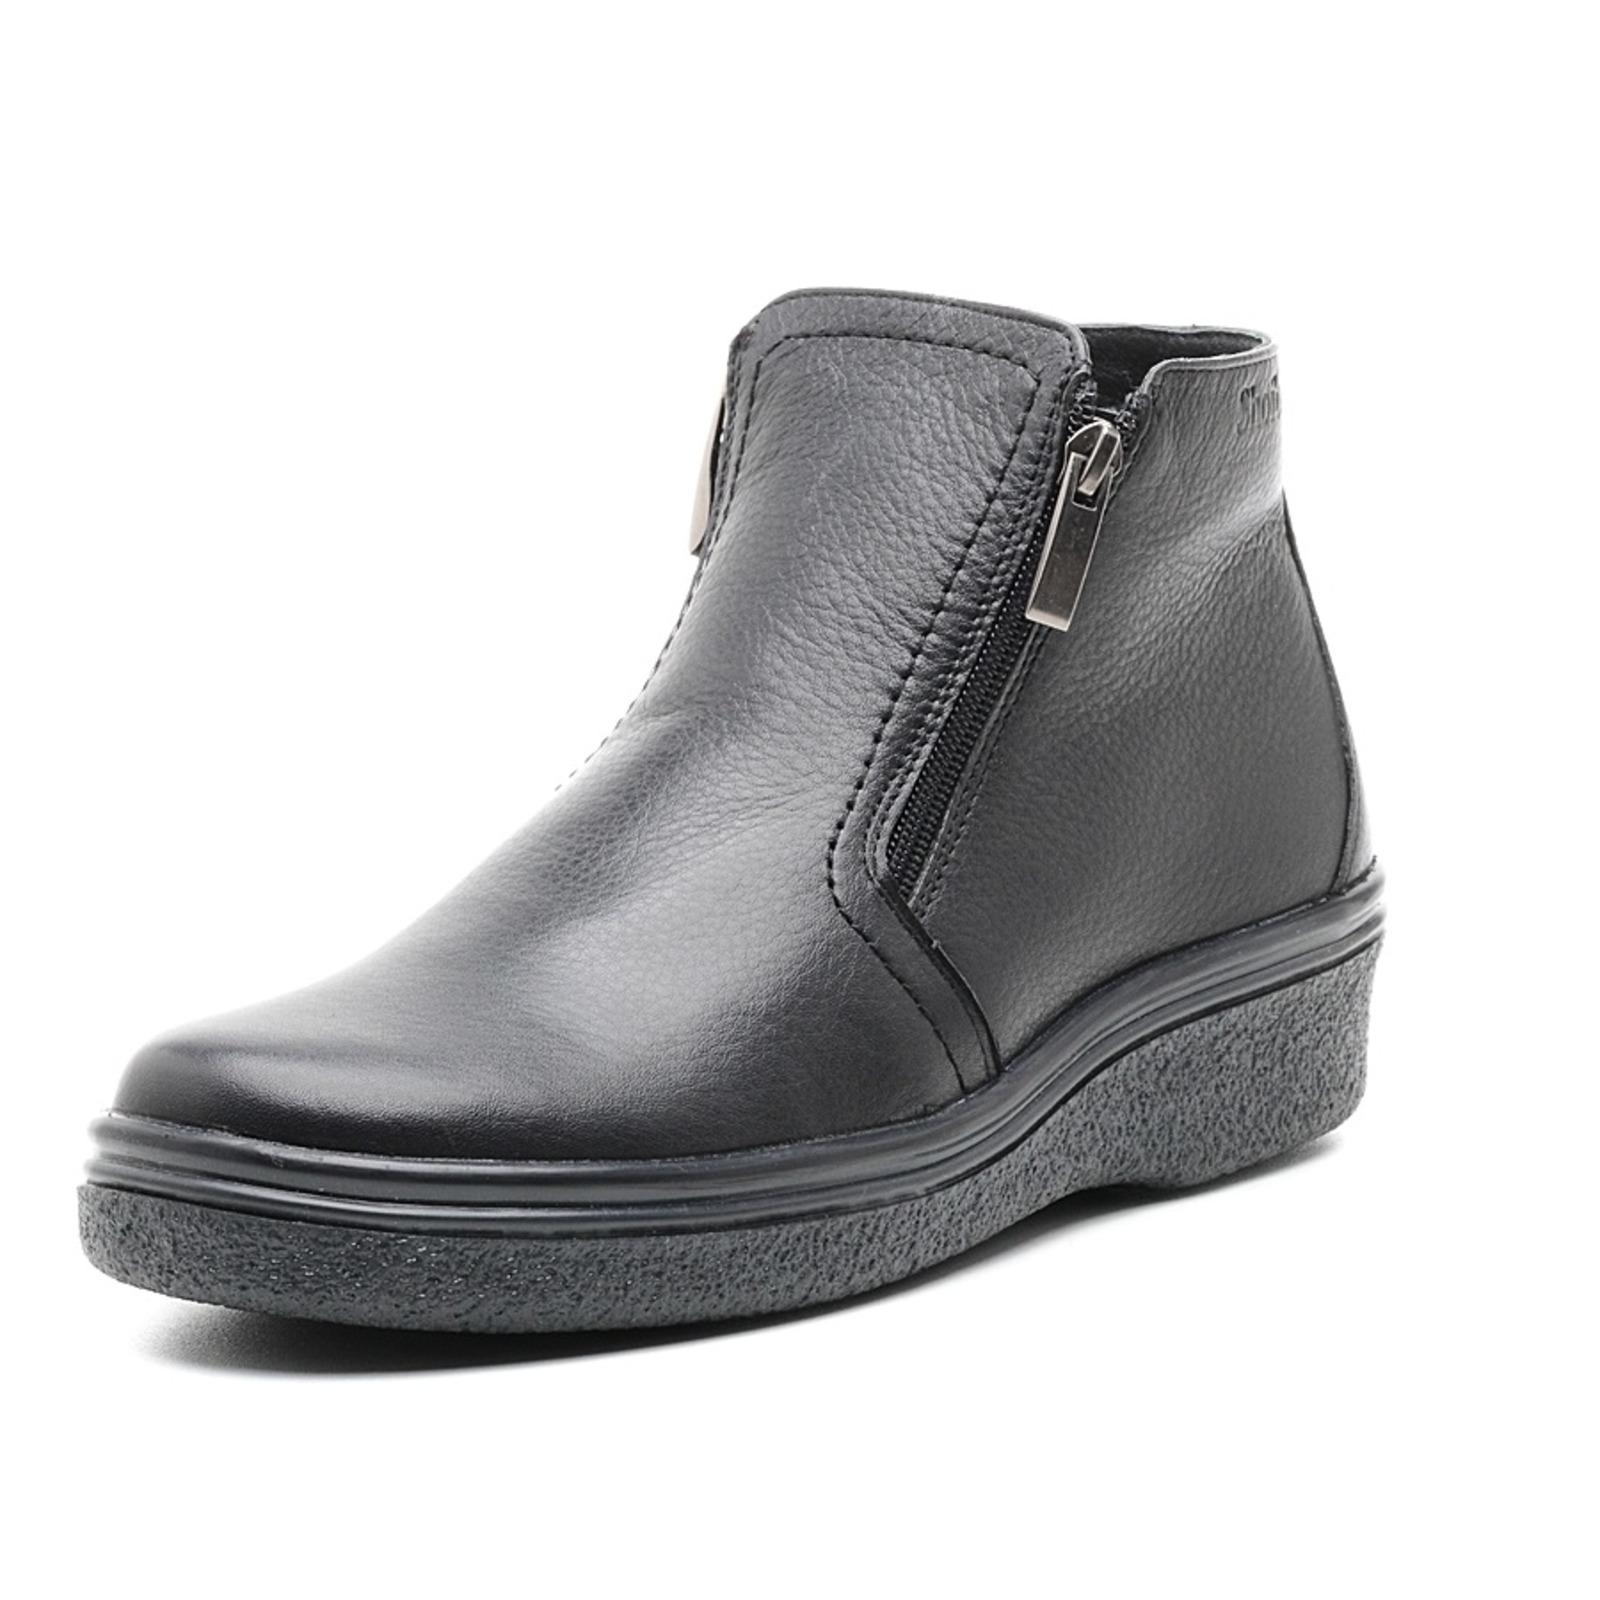 Мужские ботинки с подкладкой из шерсти